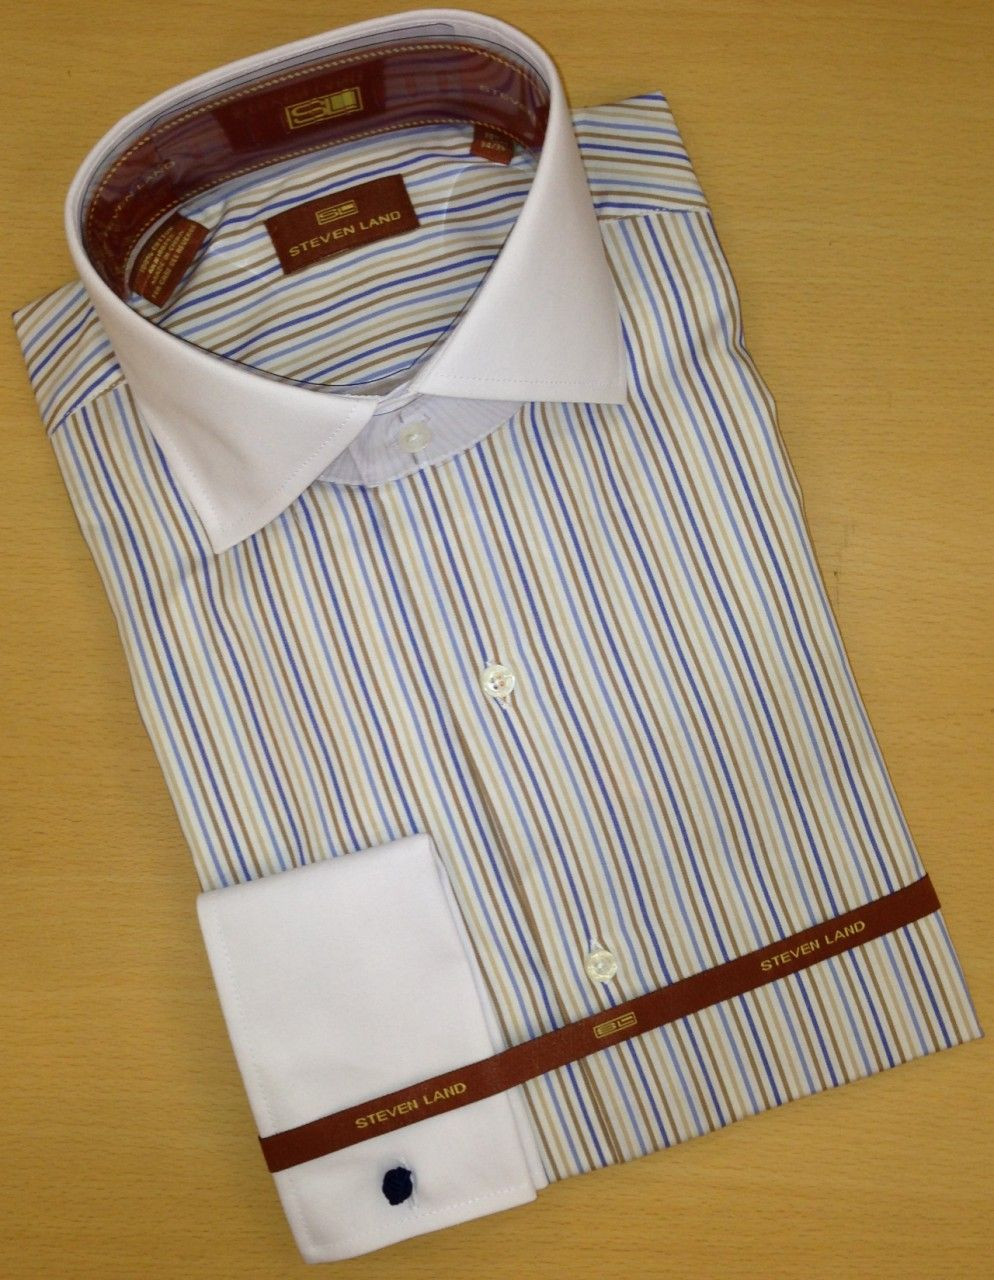 Men's Steven Land Sharp Striped Spread Collar Dress Shirt - White